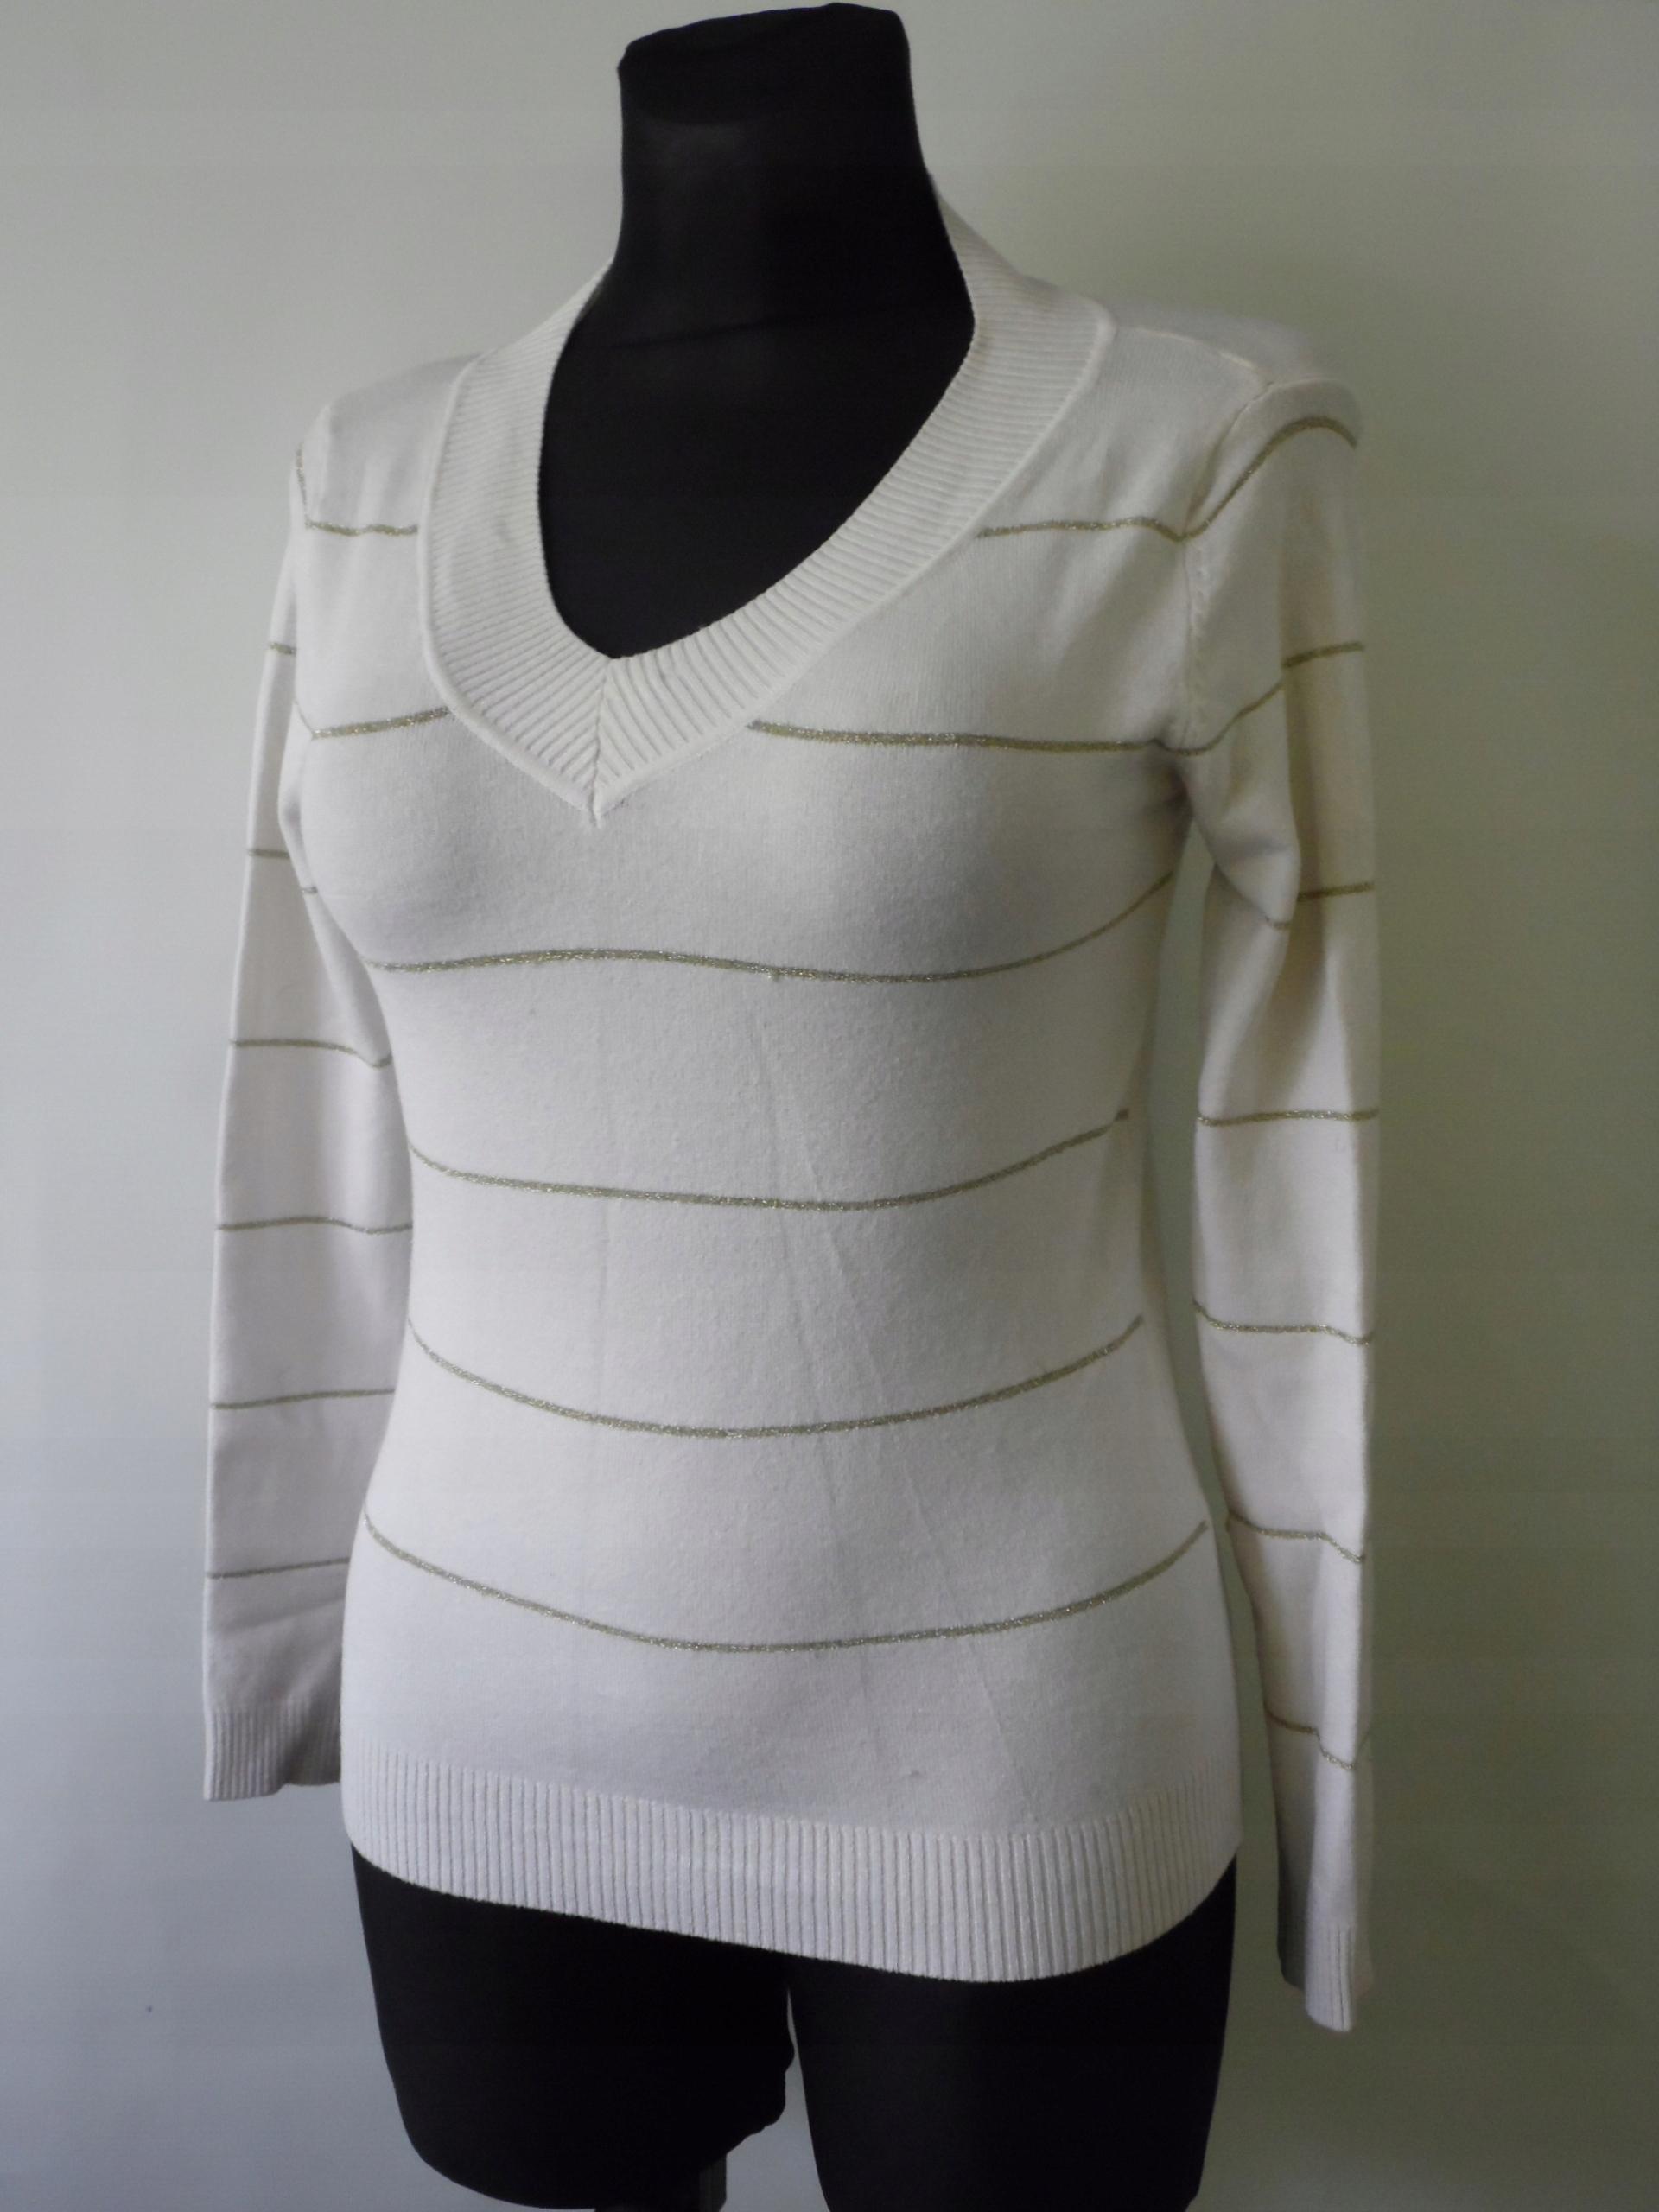 c2c8d3f094 Bluzka sweterek Leeson MEGA WYPRZEDAŻ 279 - 7595138295 - oficjalne ...